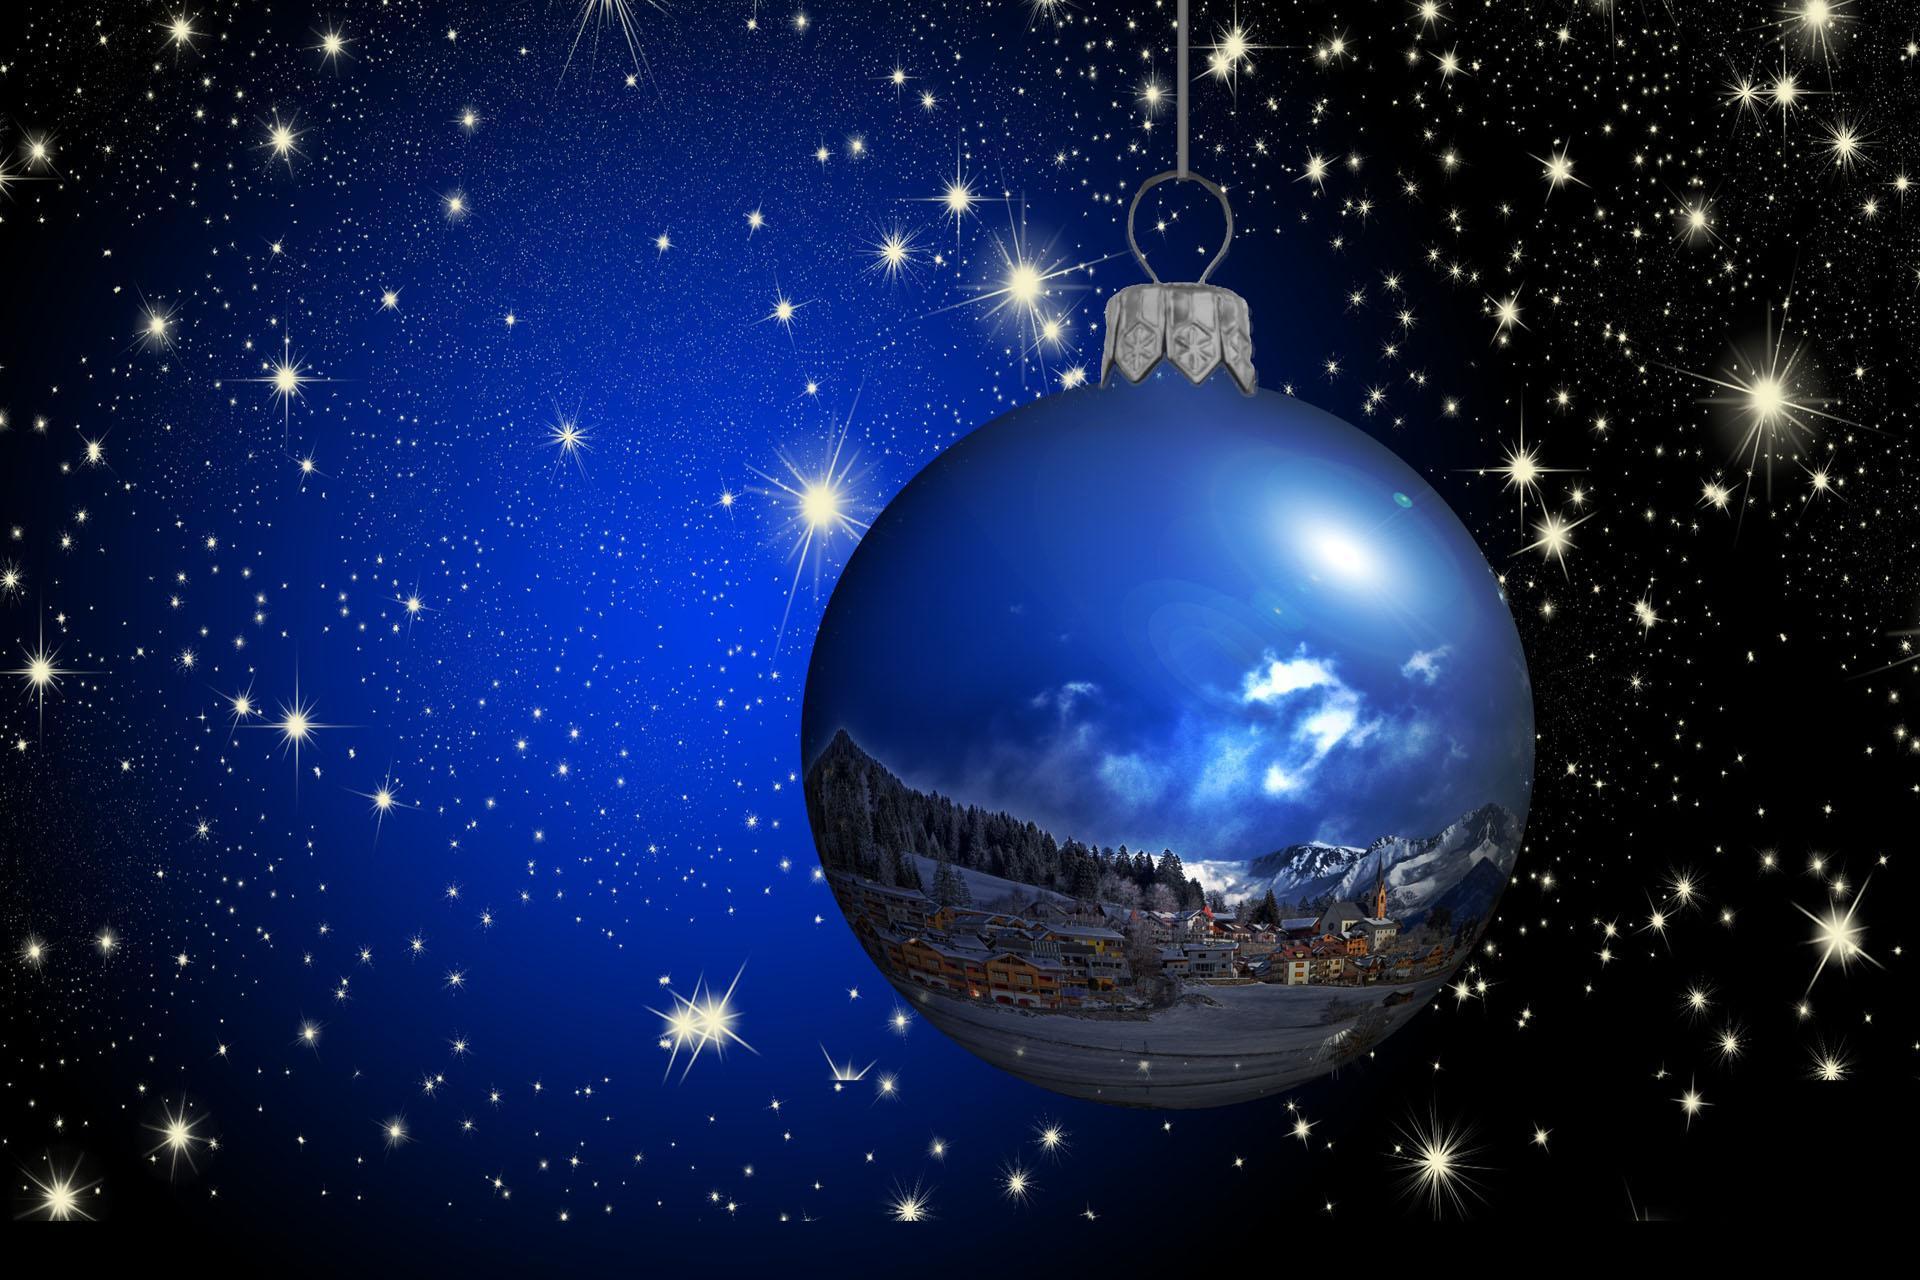 поздравление с новым годом планета земля неуязвима атакам врагов